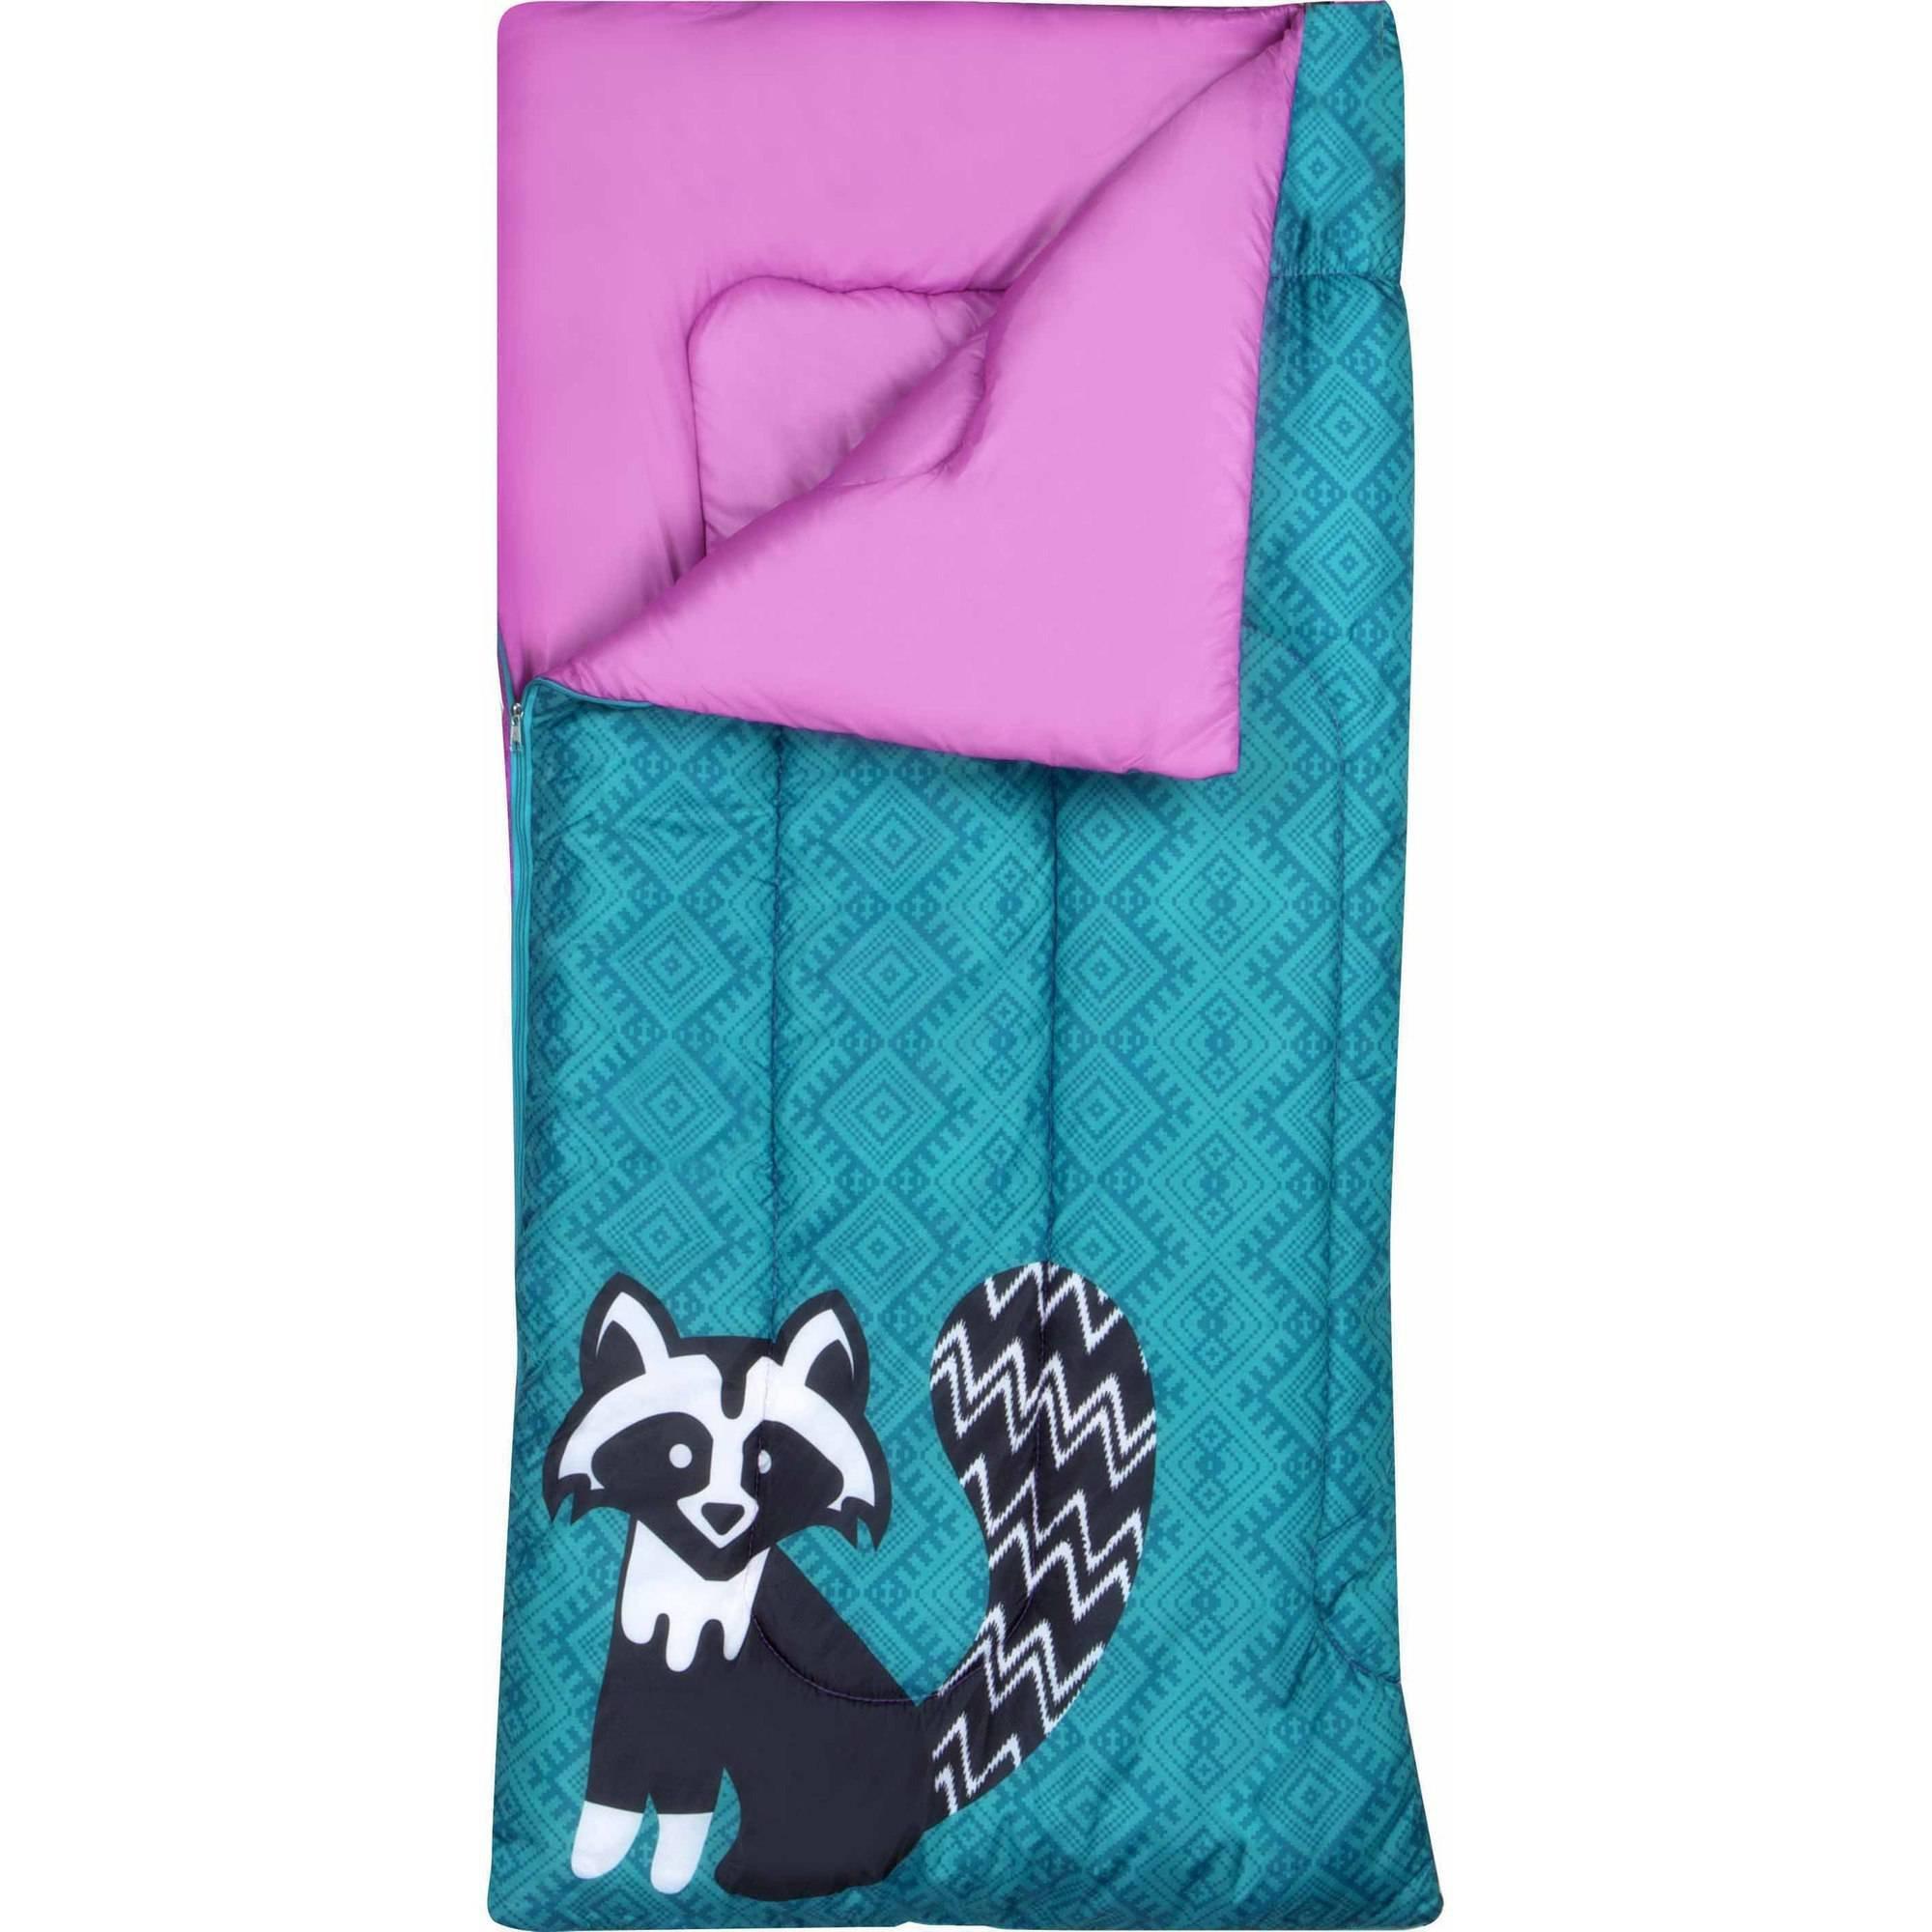 Ozark-Trail Kids Sleeping Bag Camping Indoor Outoor Traveling (Raccoon/Bear) (Purple,Teal) by Ozark-Trail (Image #1)